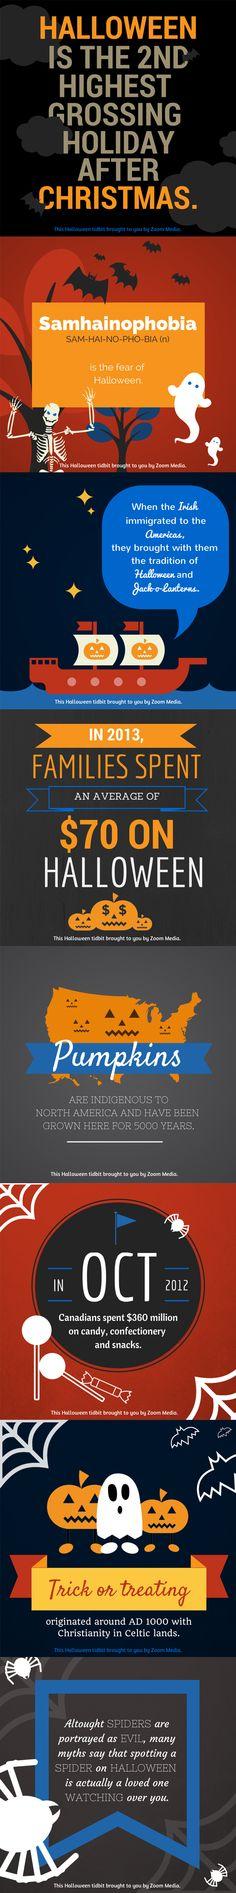 2014 Halloween fun facts